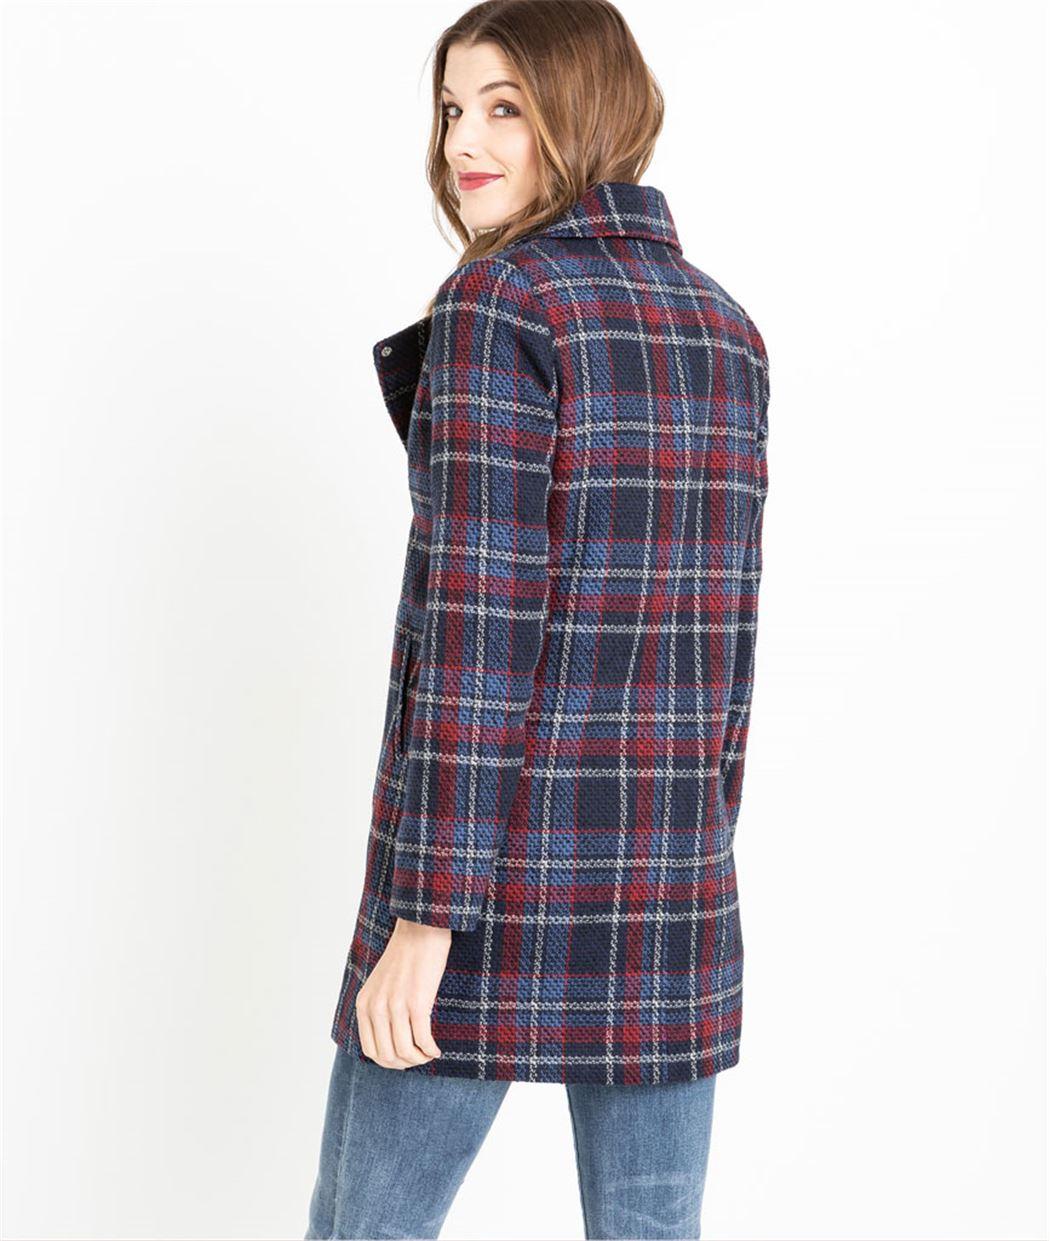 Manteau femme en lainage à carreaux BLEU - Grain de Malice b5dbf20a5b36